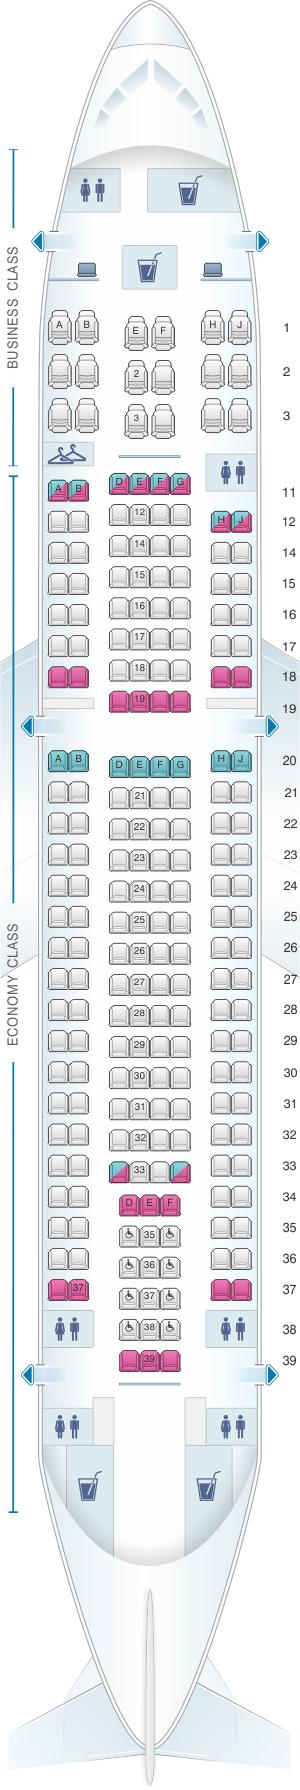 Seat map for SATA Air Açores Airbus A310-300 Config. 3